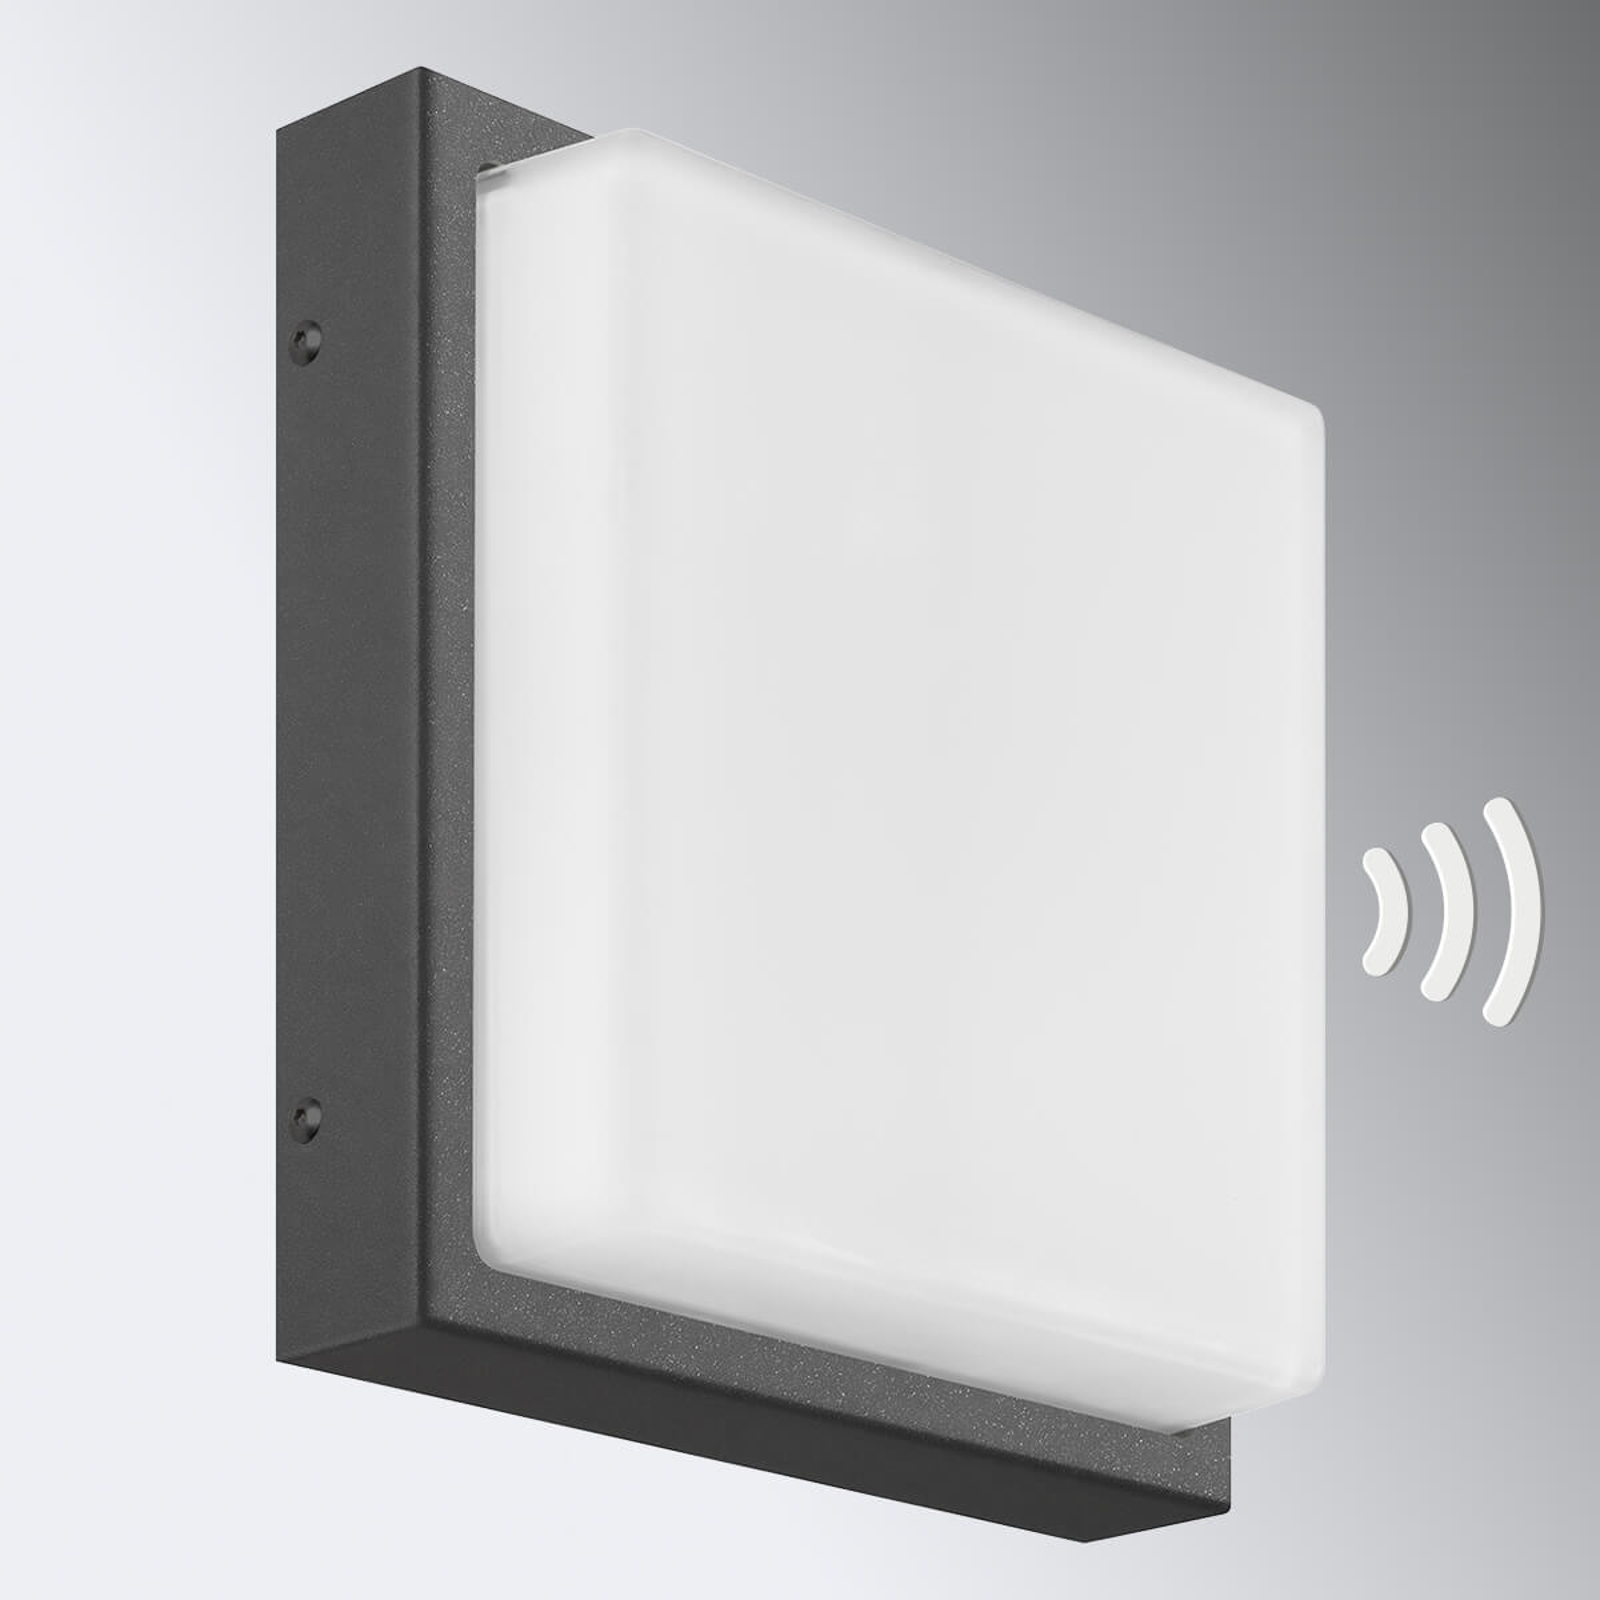 Applique Ernest E27 détecteur mouvement graphite